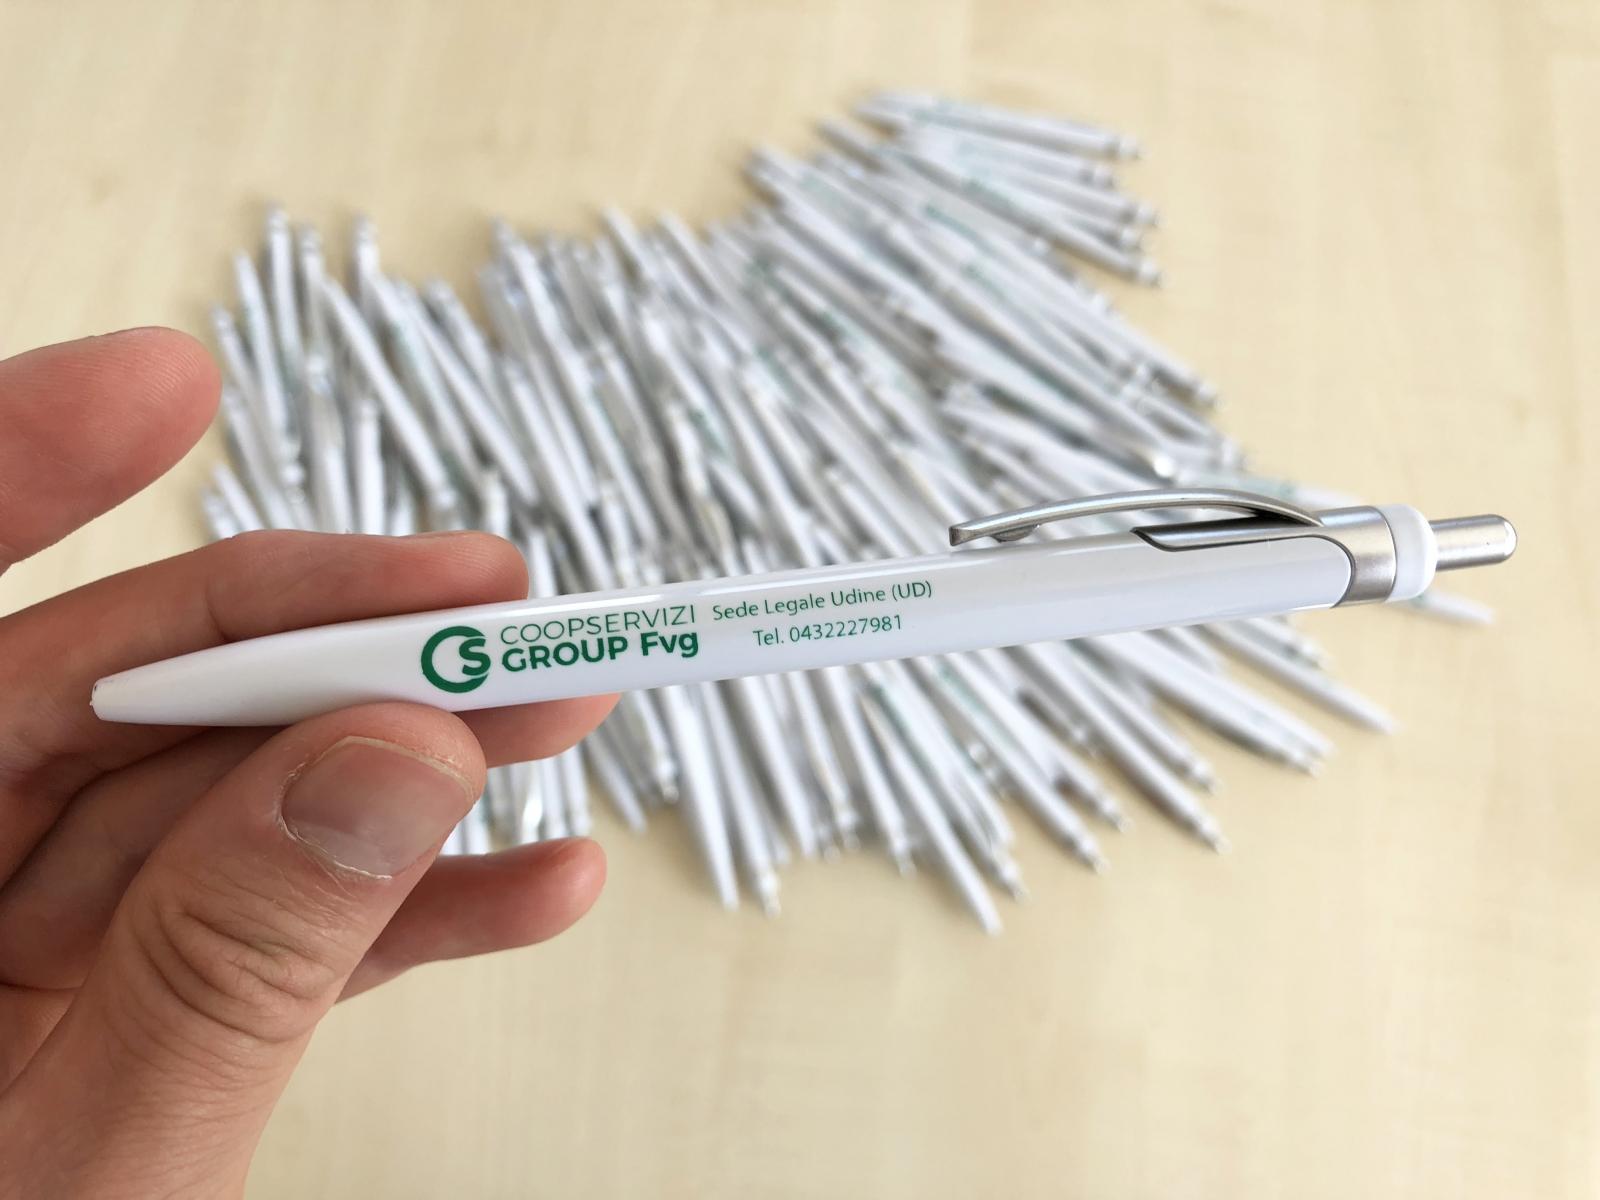 Penne personalizzate, penne promozionali